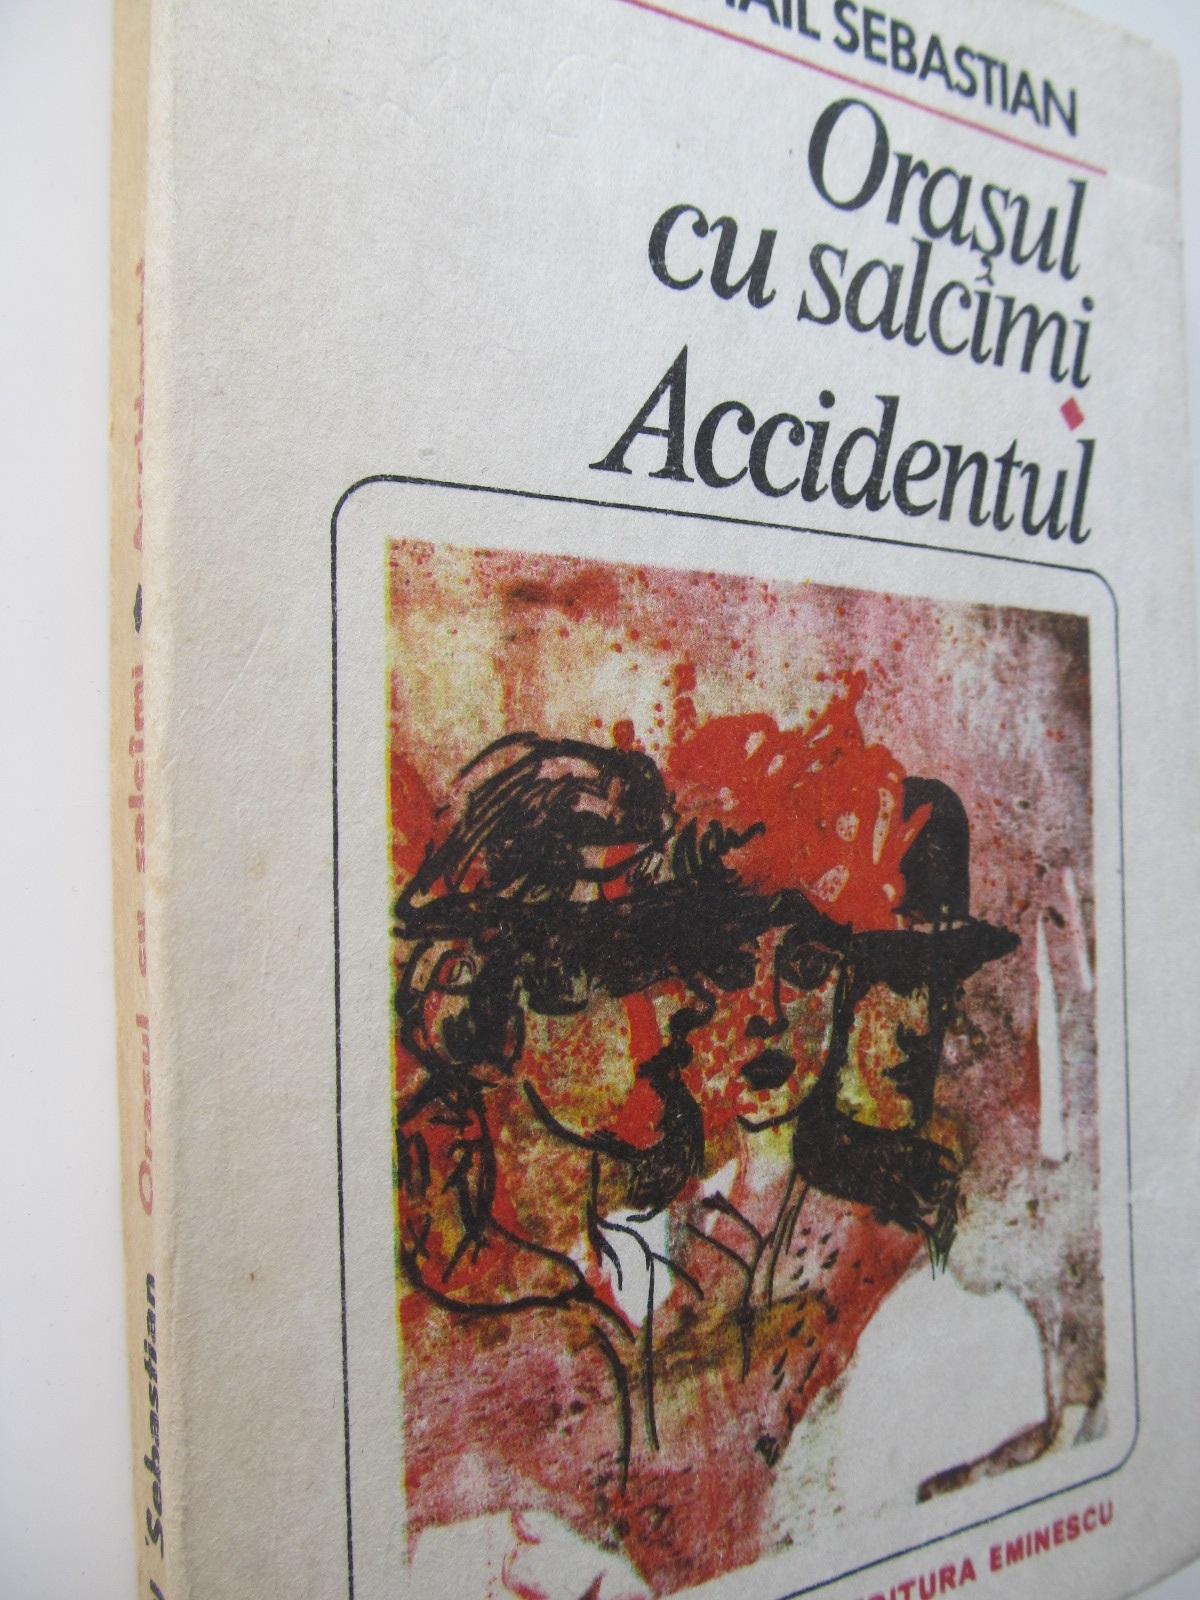 Orasul cu salcami - Accidentul - Mihail Sebastian | Detalii carte